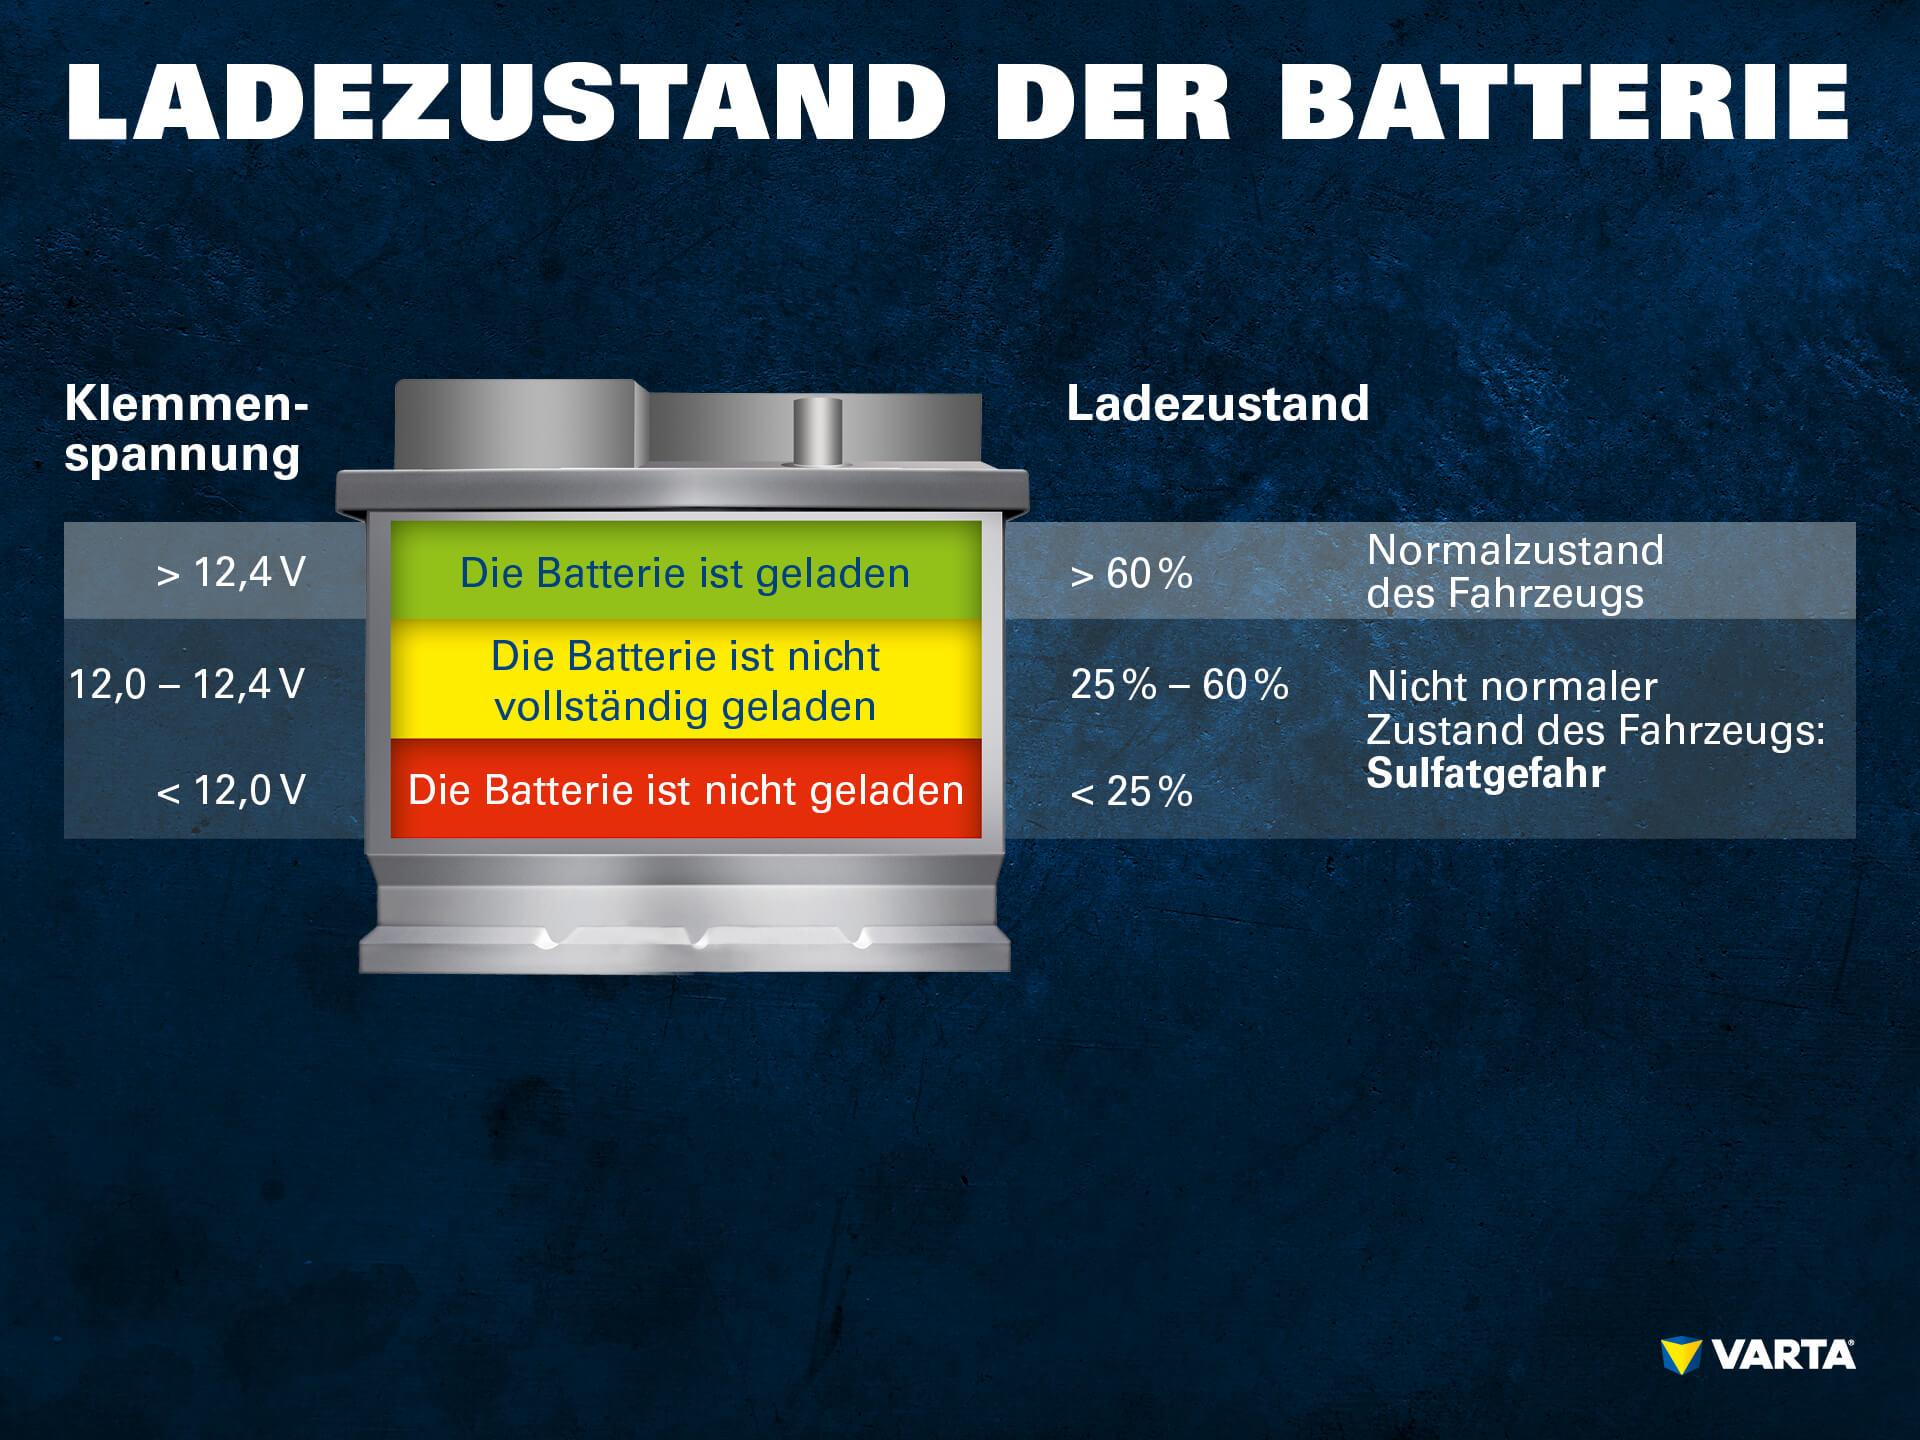 Ladezustand der Batterie